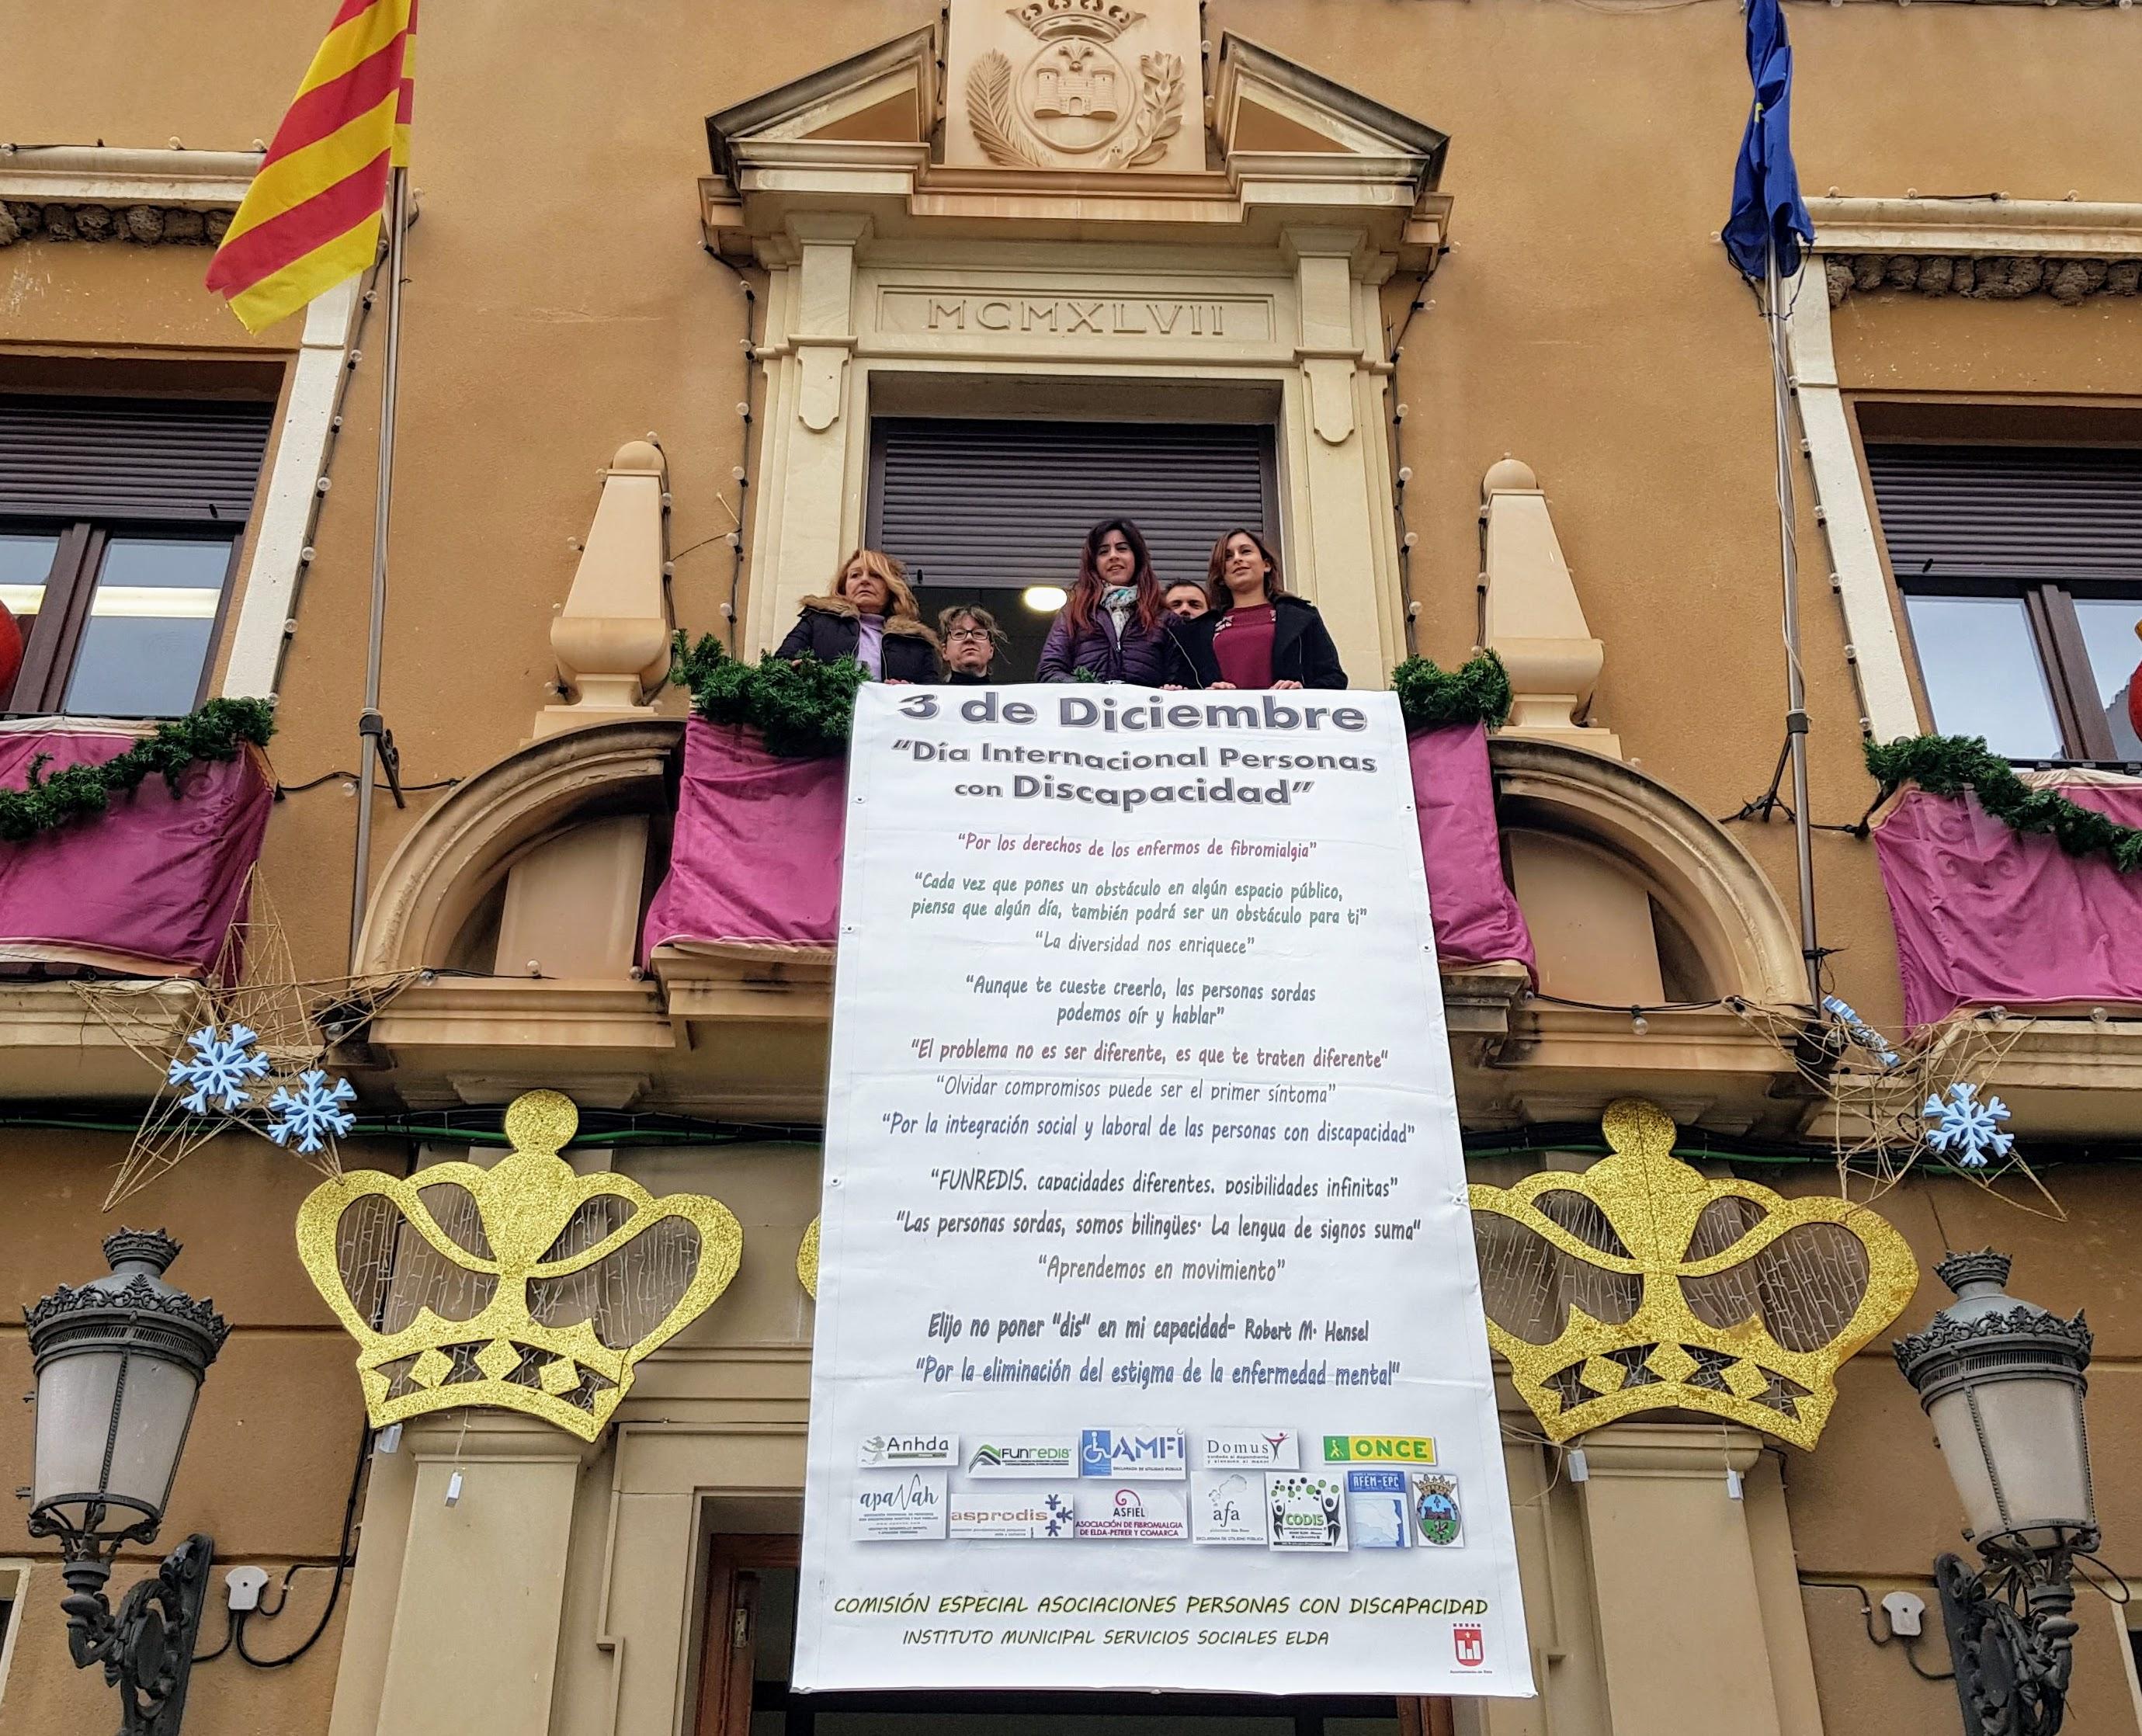 Elda celebra el Día de la Discapacidad con la lectura de un manifiesto para recordar los derechos de las personas con diversidad funcional